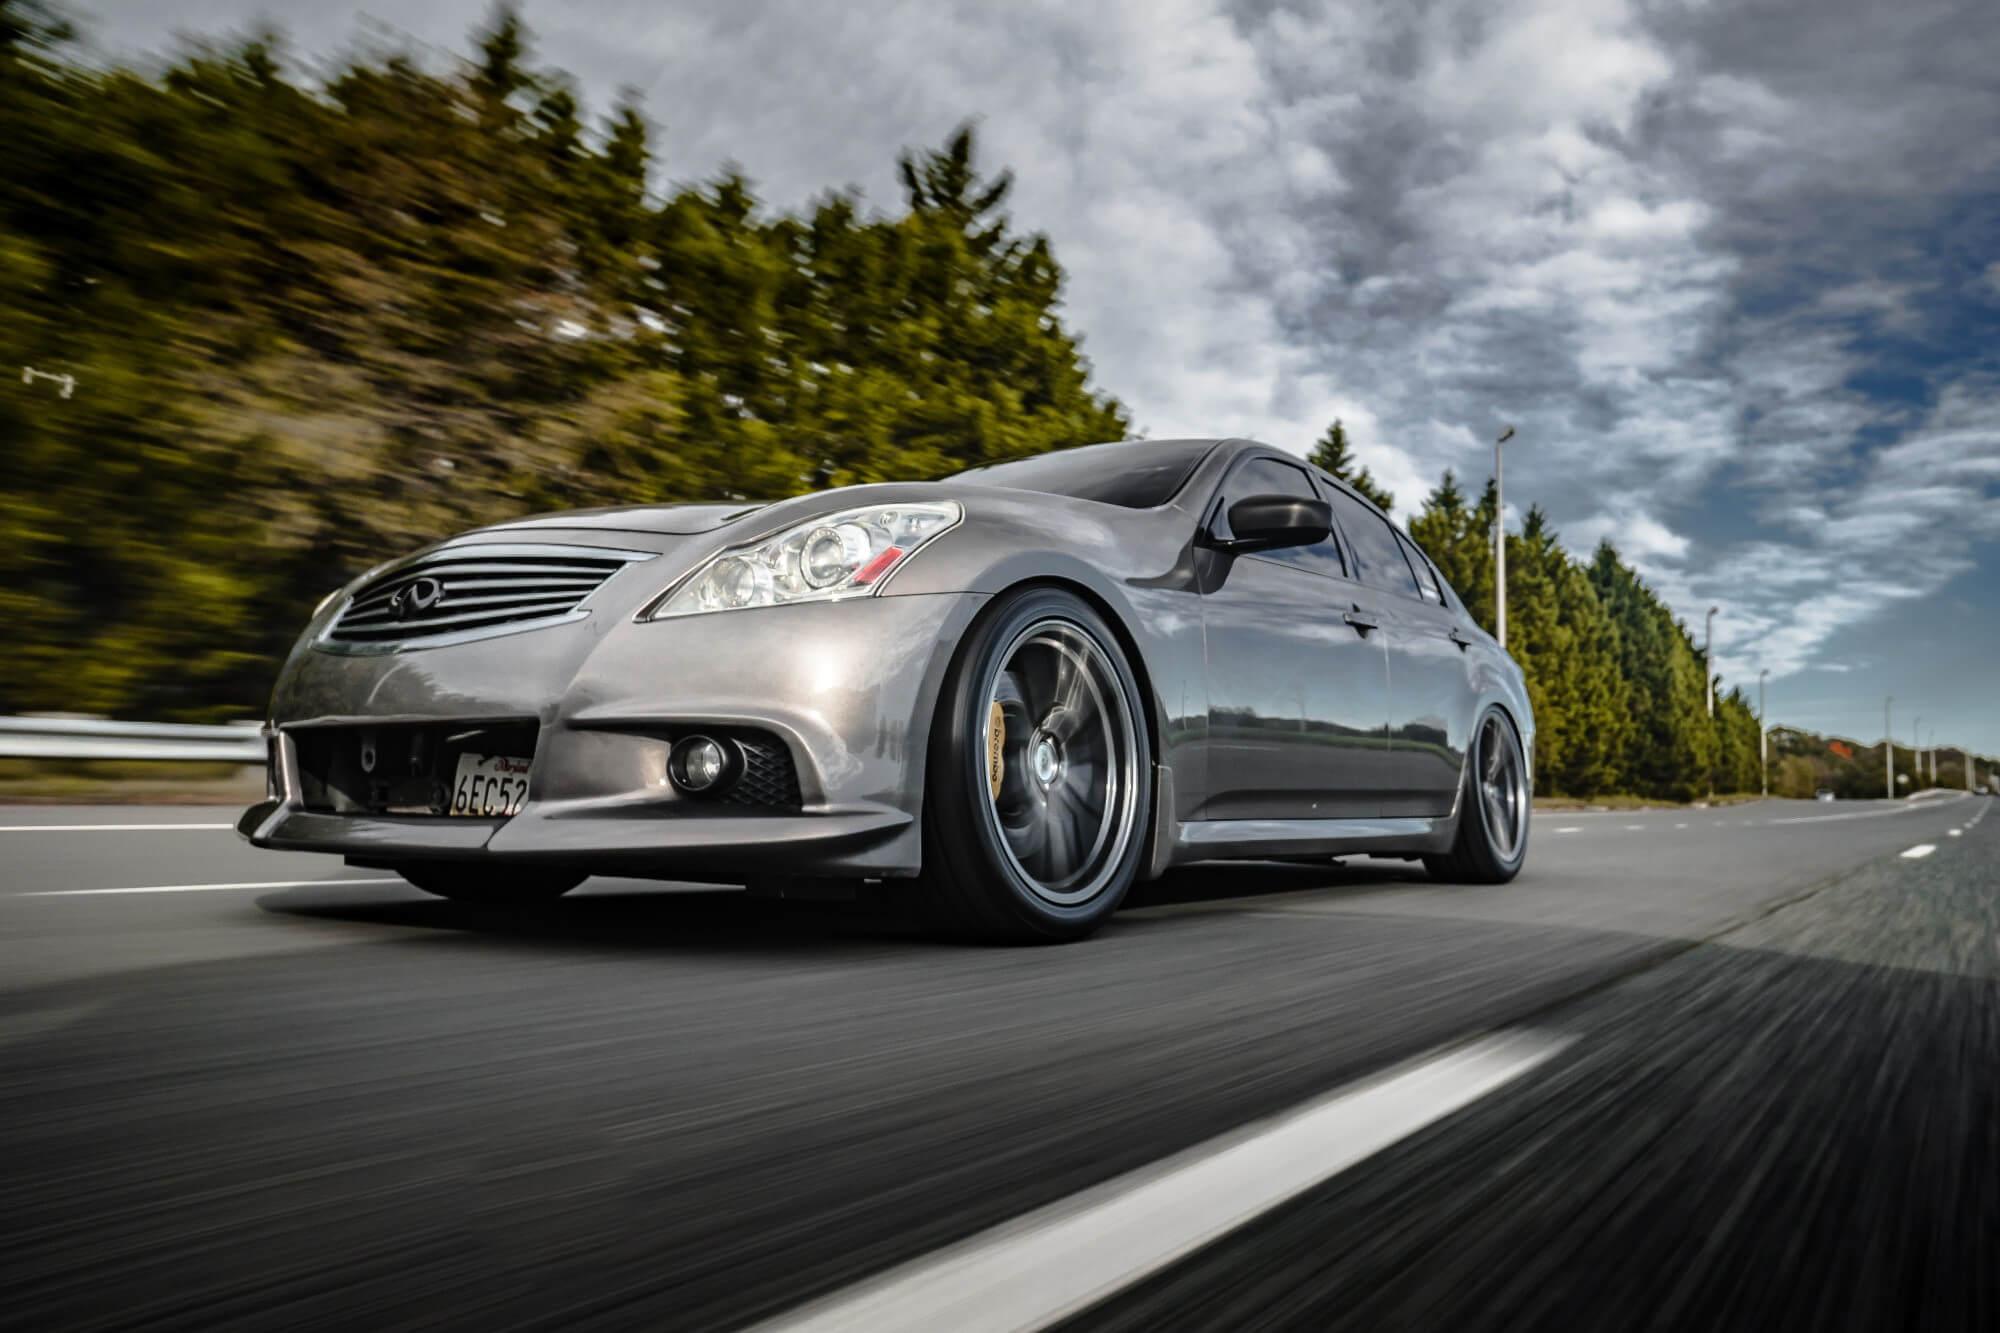 G37 Sedan Rollers